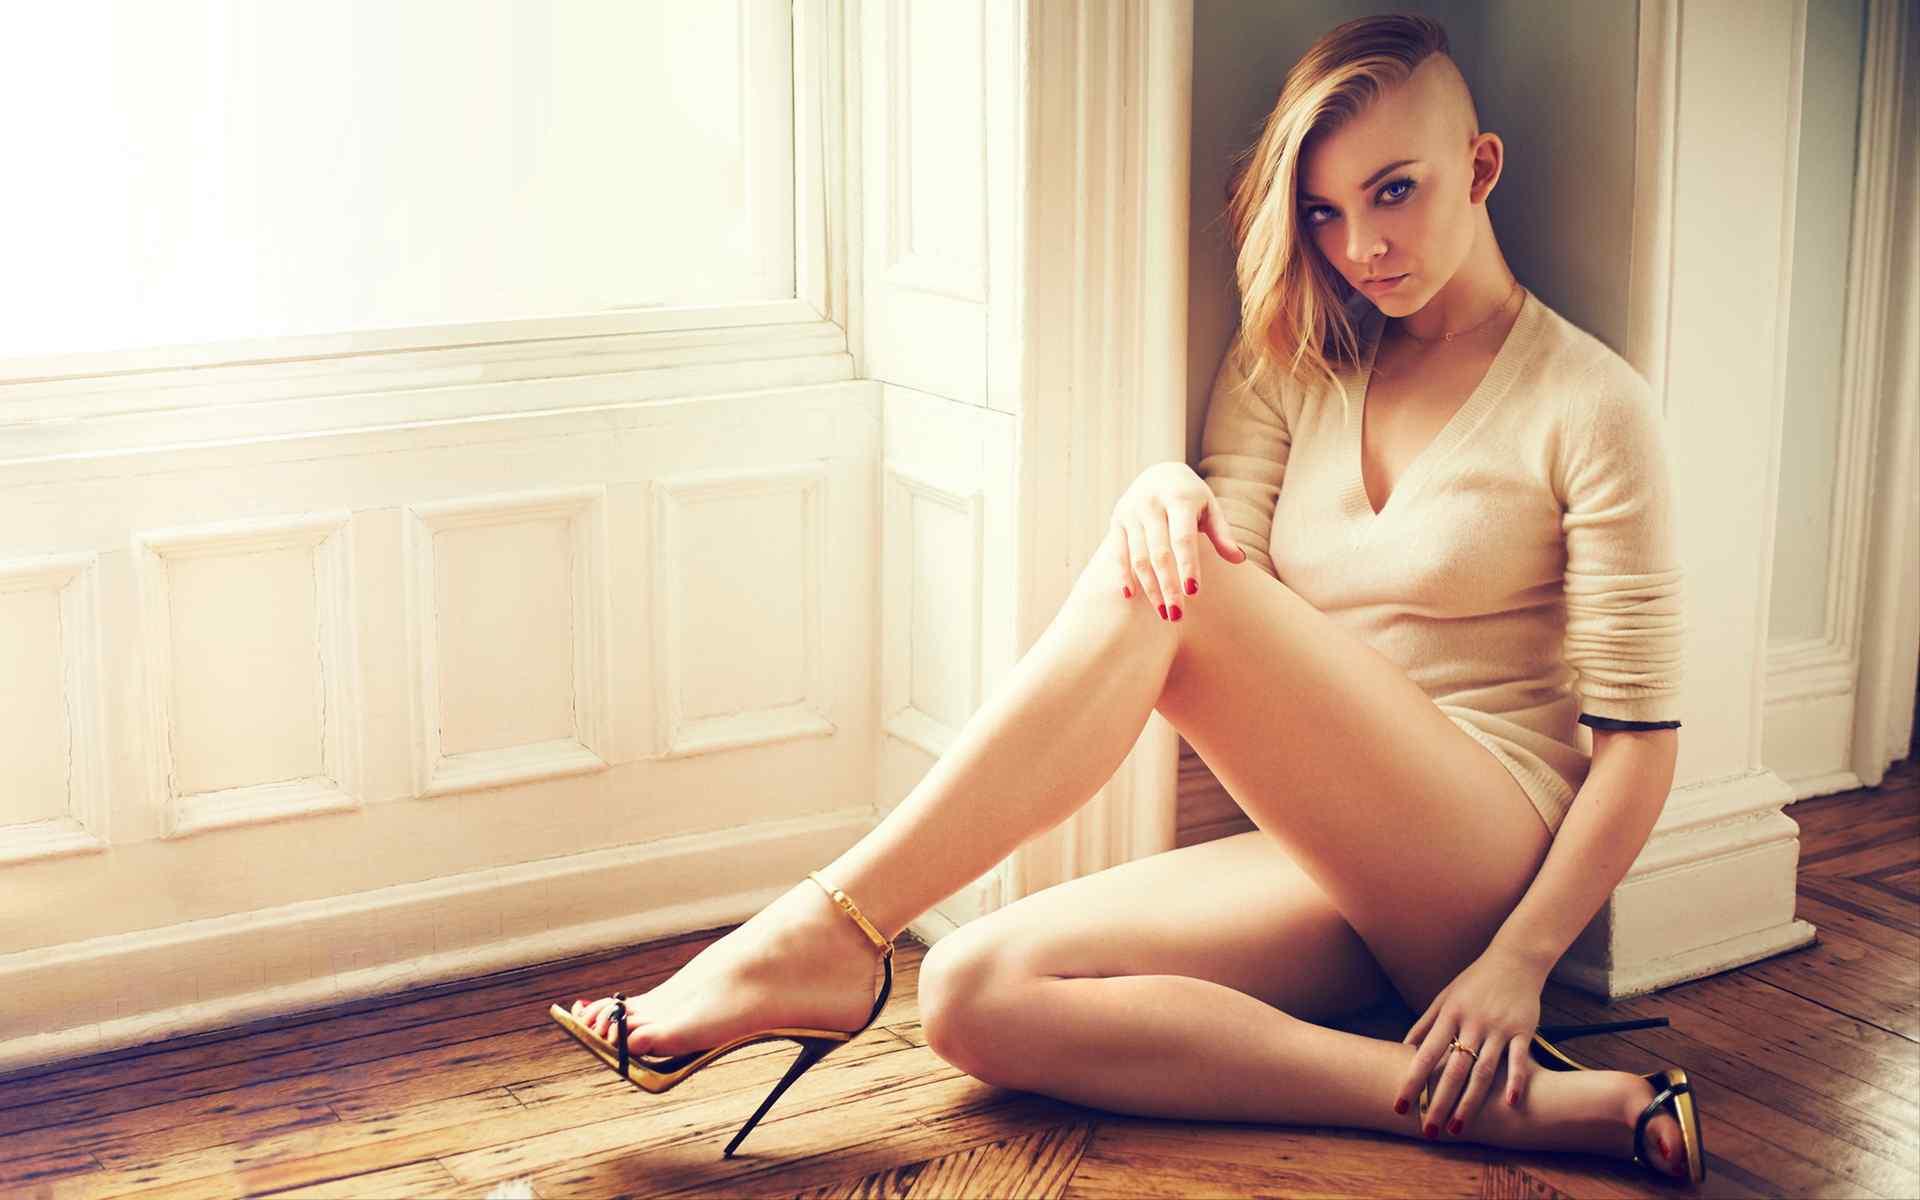 眼神诱惑系列欧美时尚美女另类写真图片桌面壁纸下载